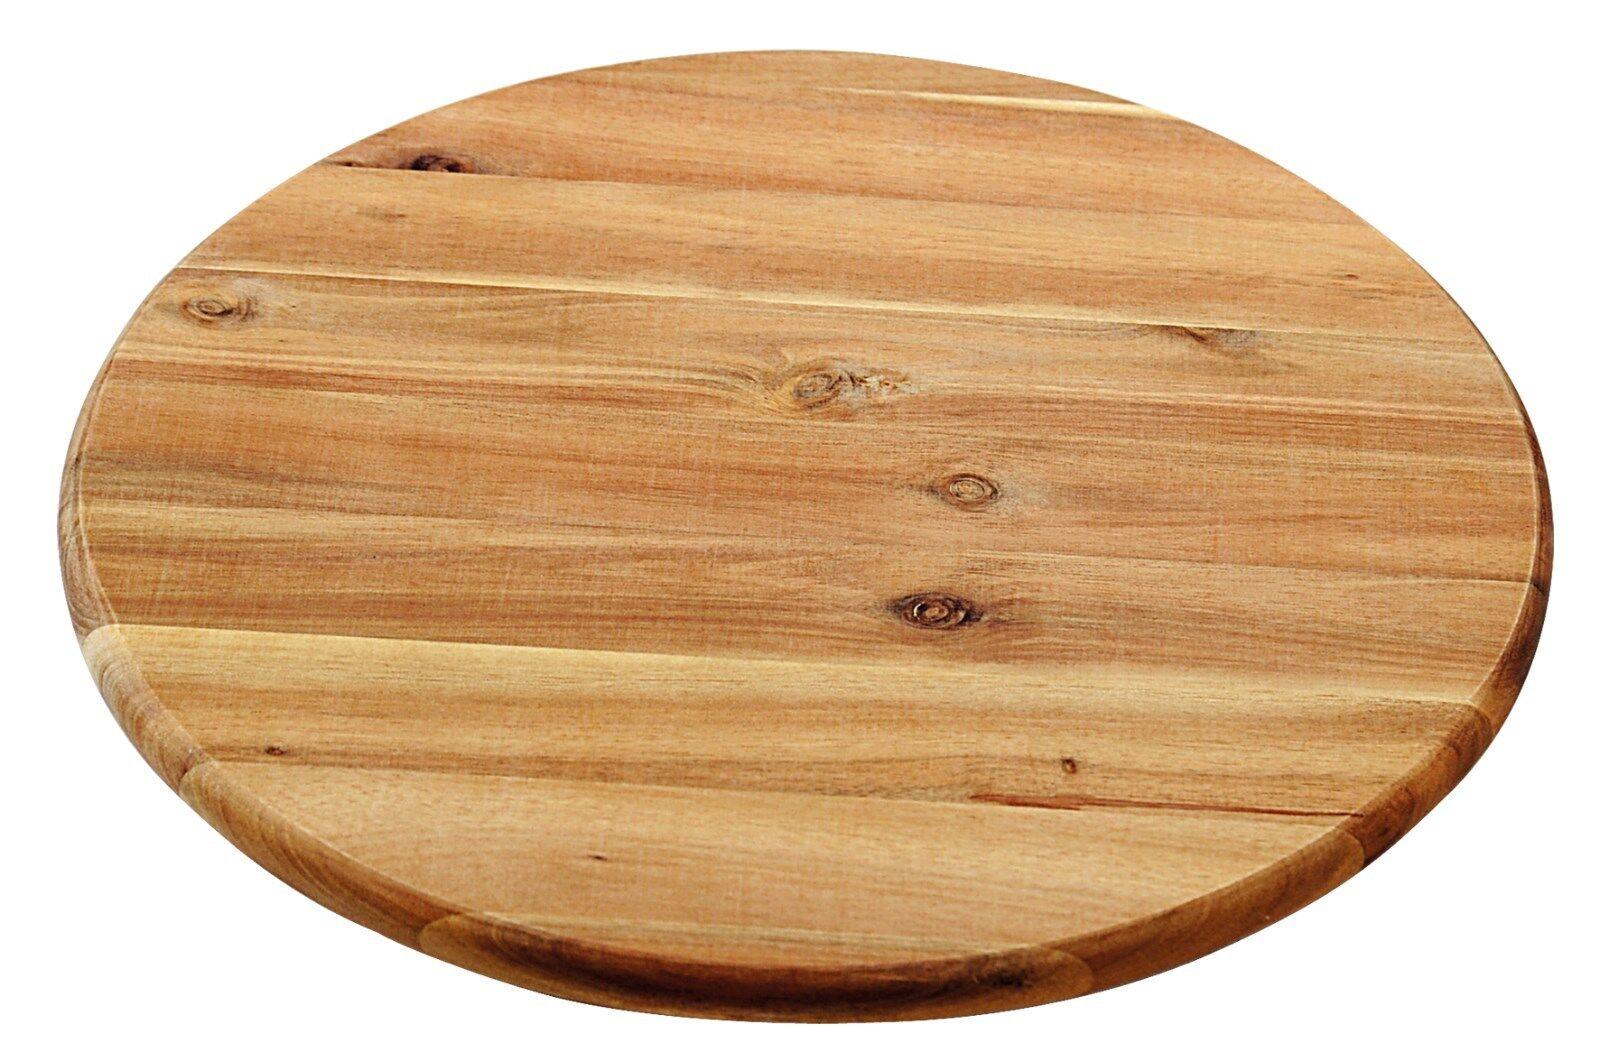 Kesper Drehplatte Servierplatte ø 40 cm   Stärke  1,5 cm Akatienkolz    28448 | Kaufen Sie beruhigt und glücklich spielen